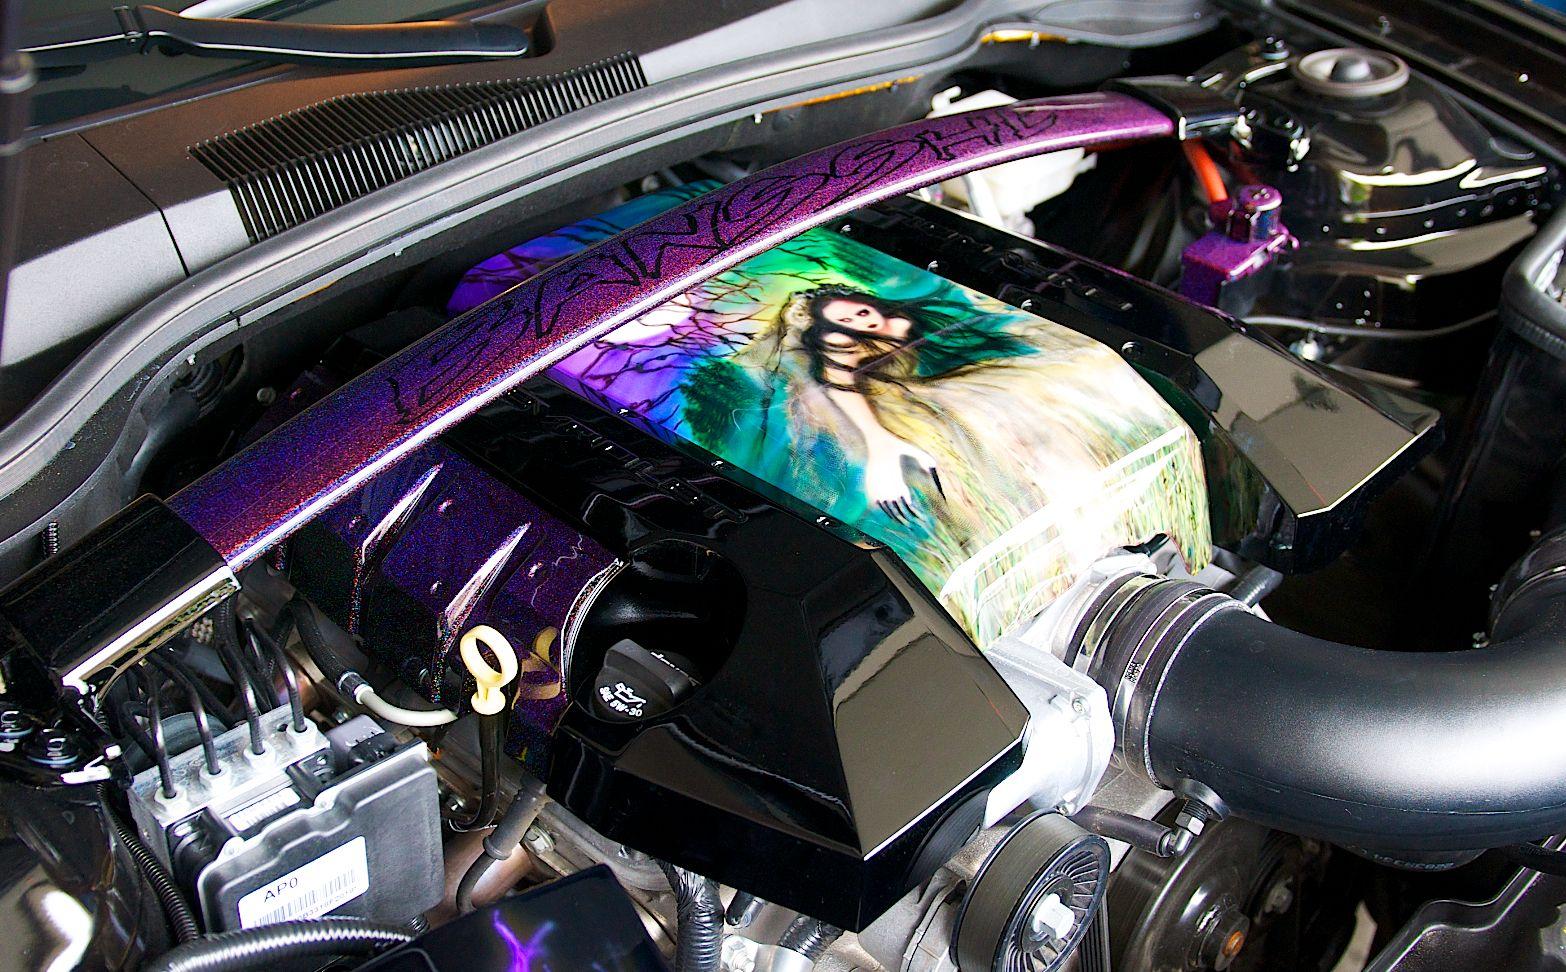 custom airbrush engine cover custom airbrushing custom paint engine motor engine [ 1566 x 972 Pixel ]